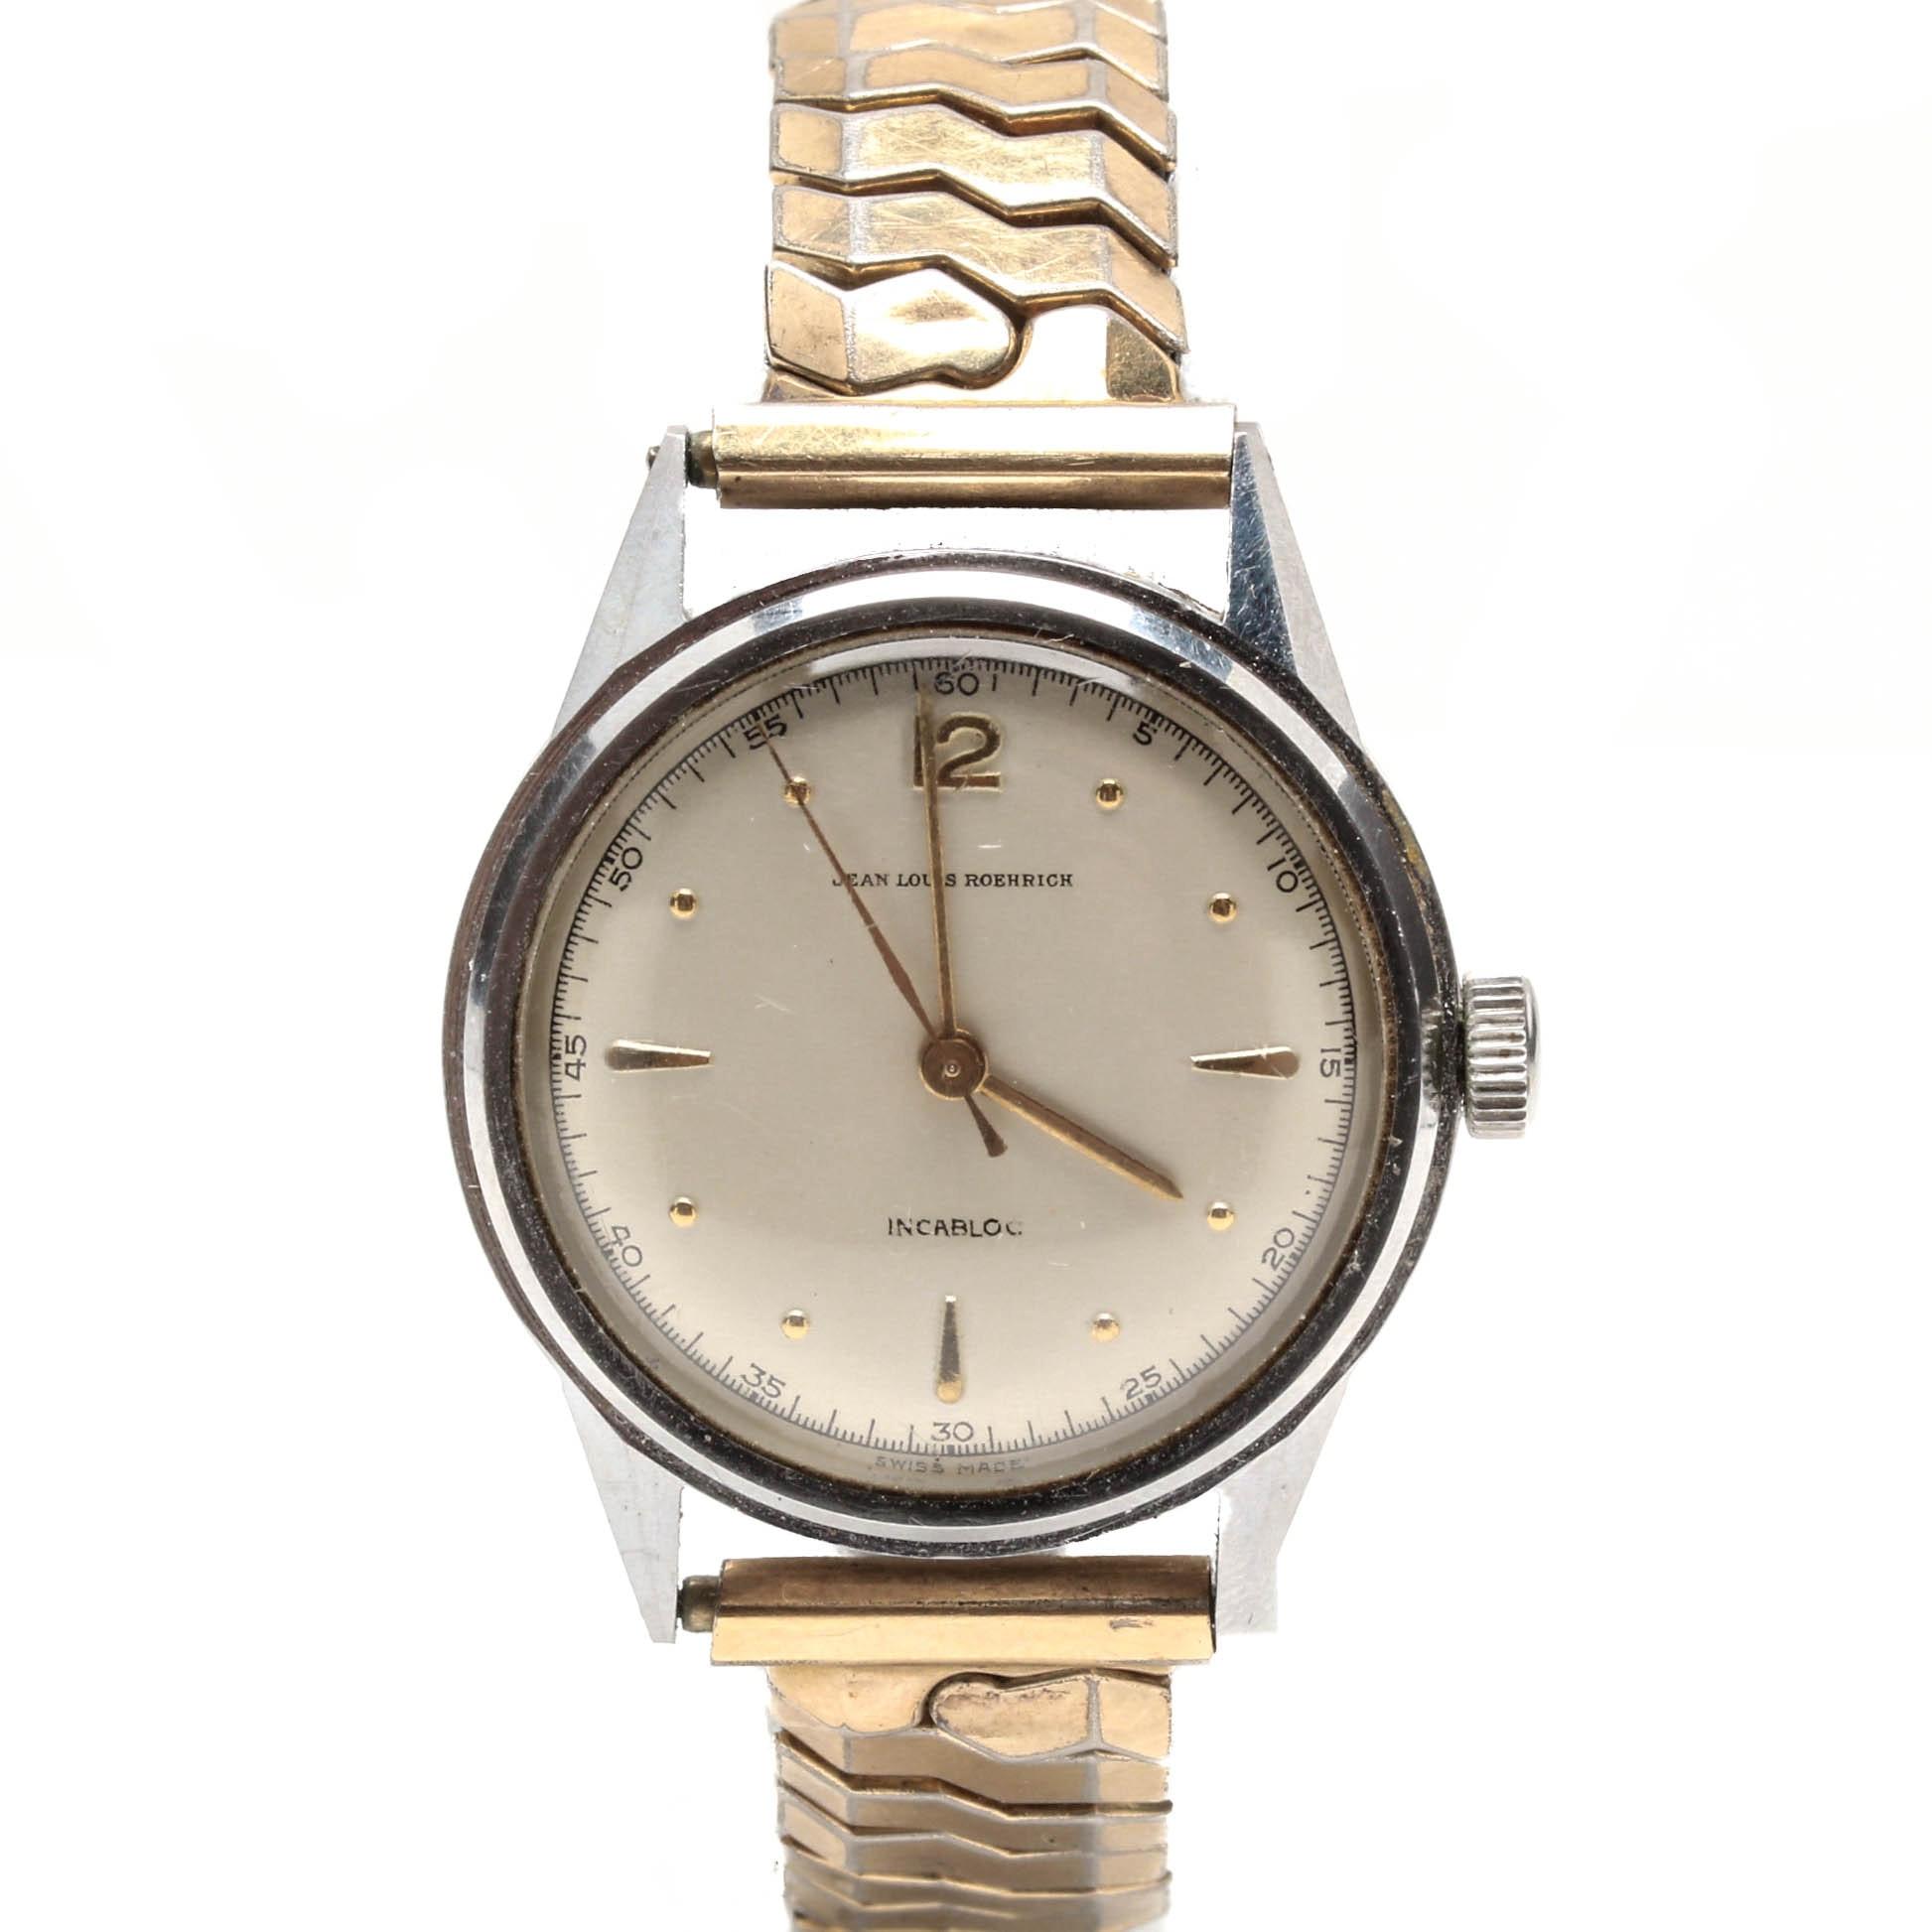 Vintage Jean Louis Roehrich Incabloc Wristwatch